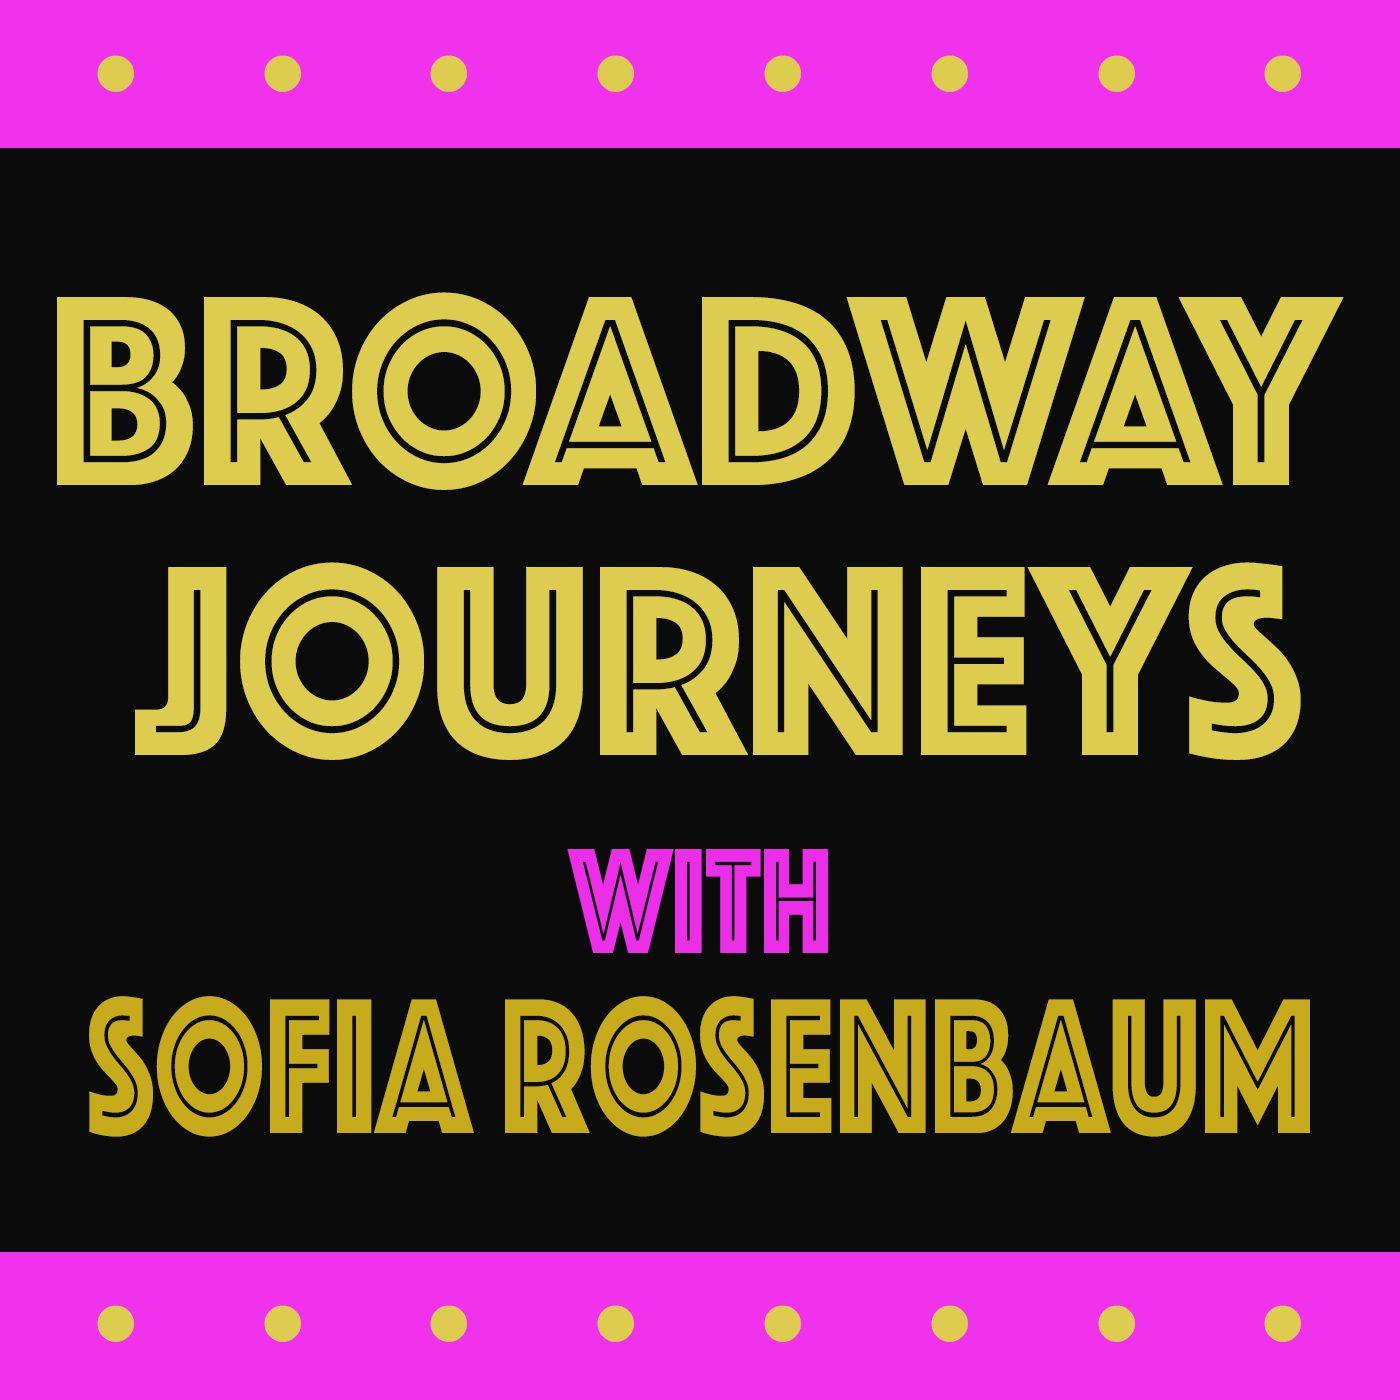 Broadway Journeys